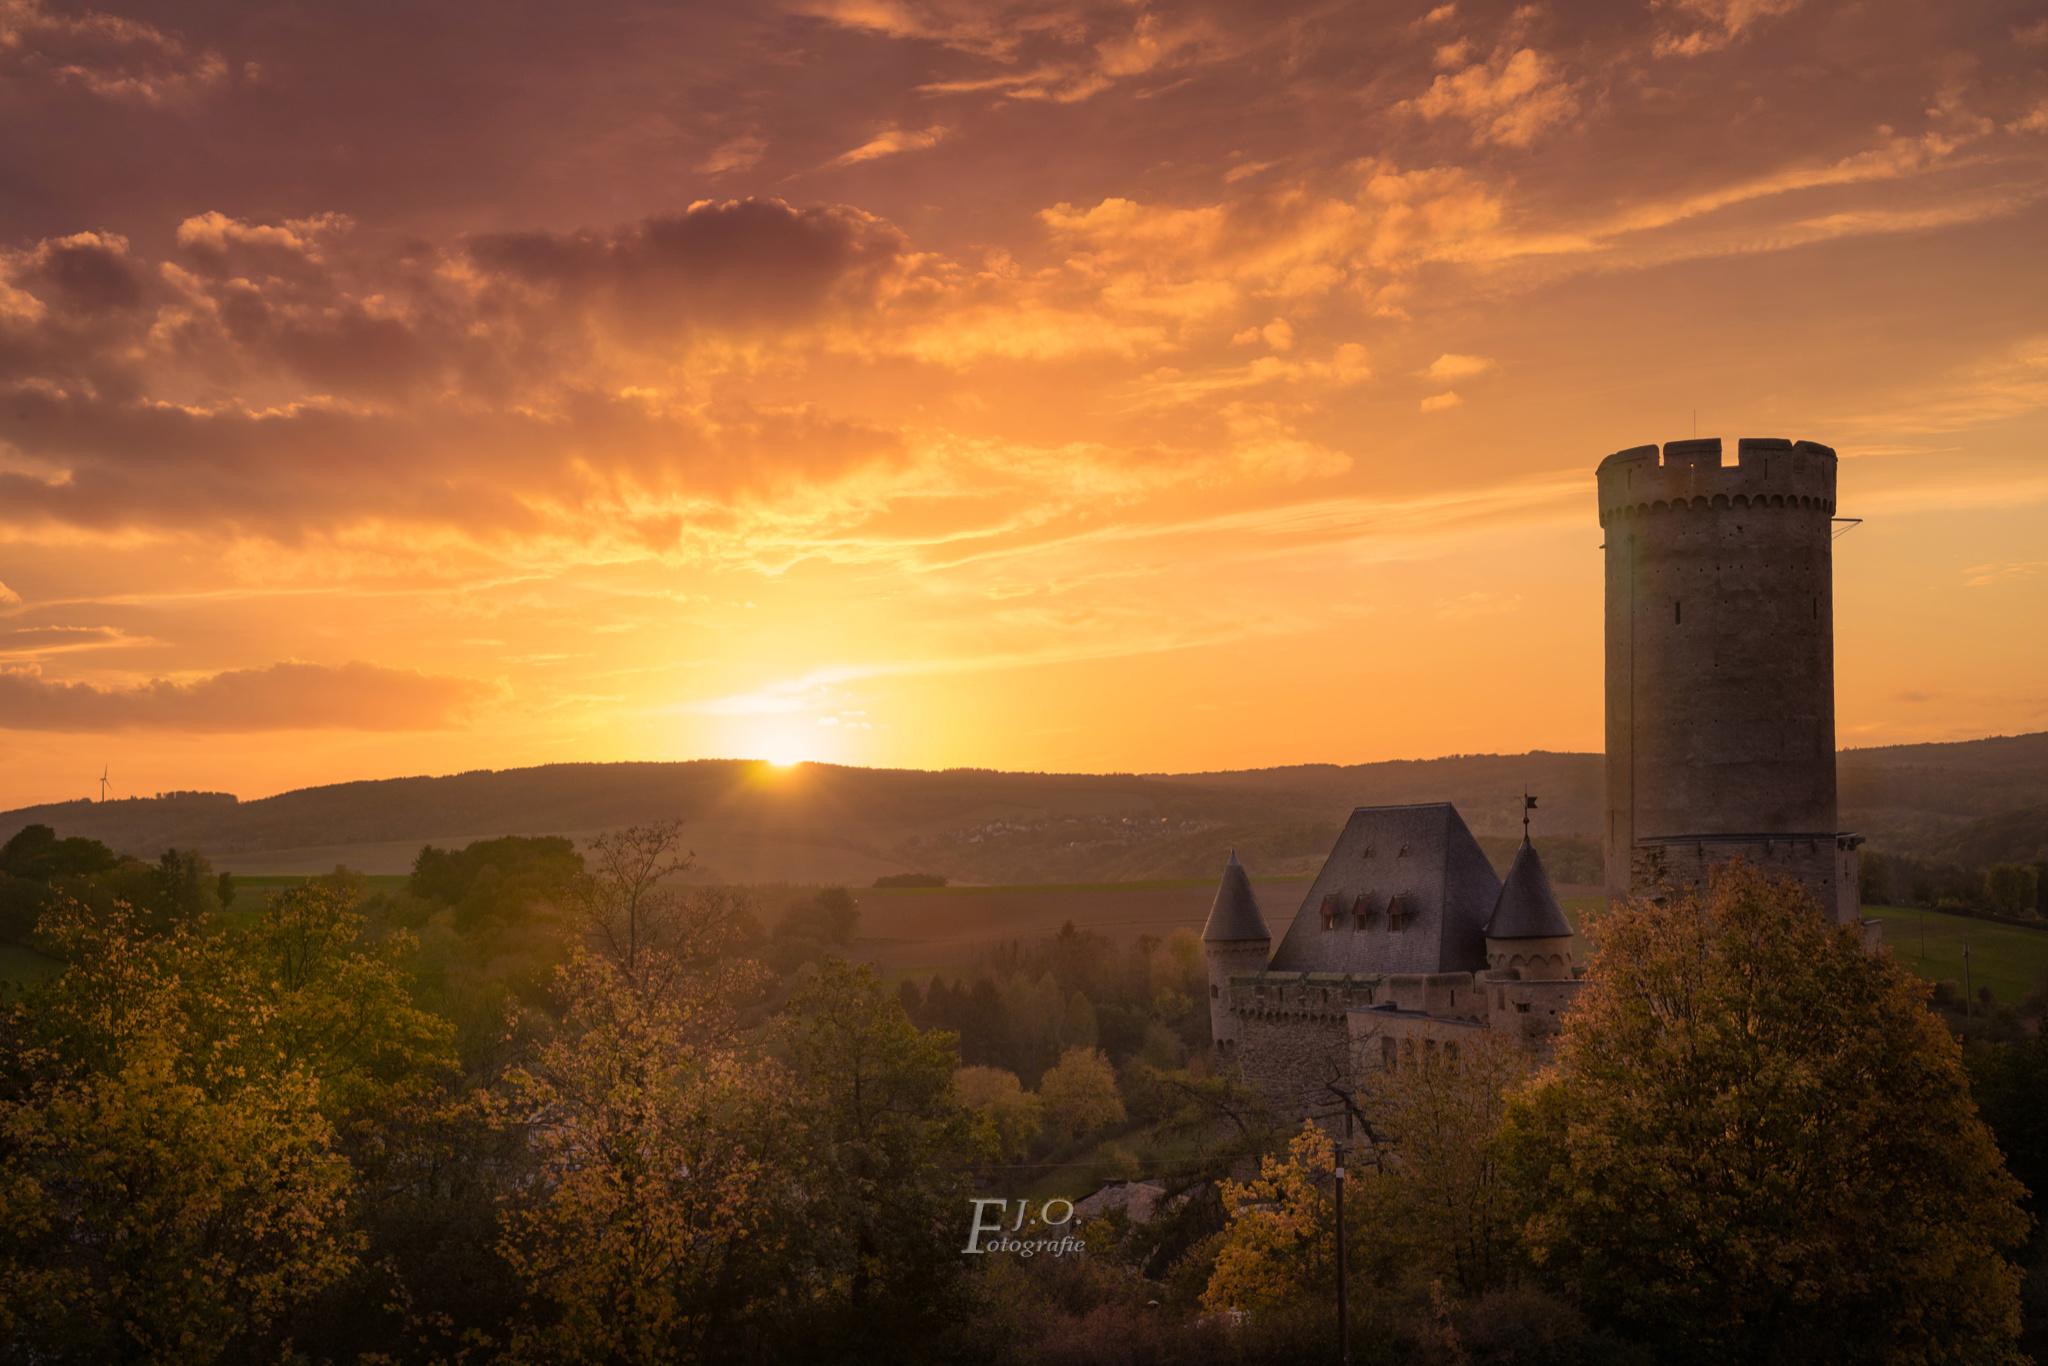 Burgschwalbach, Germany